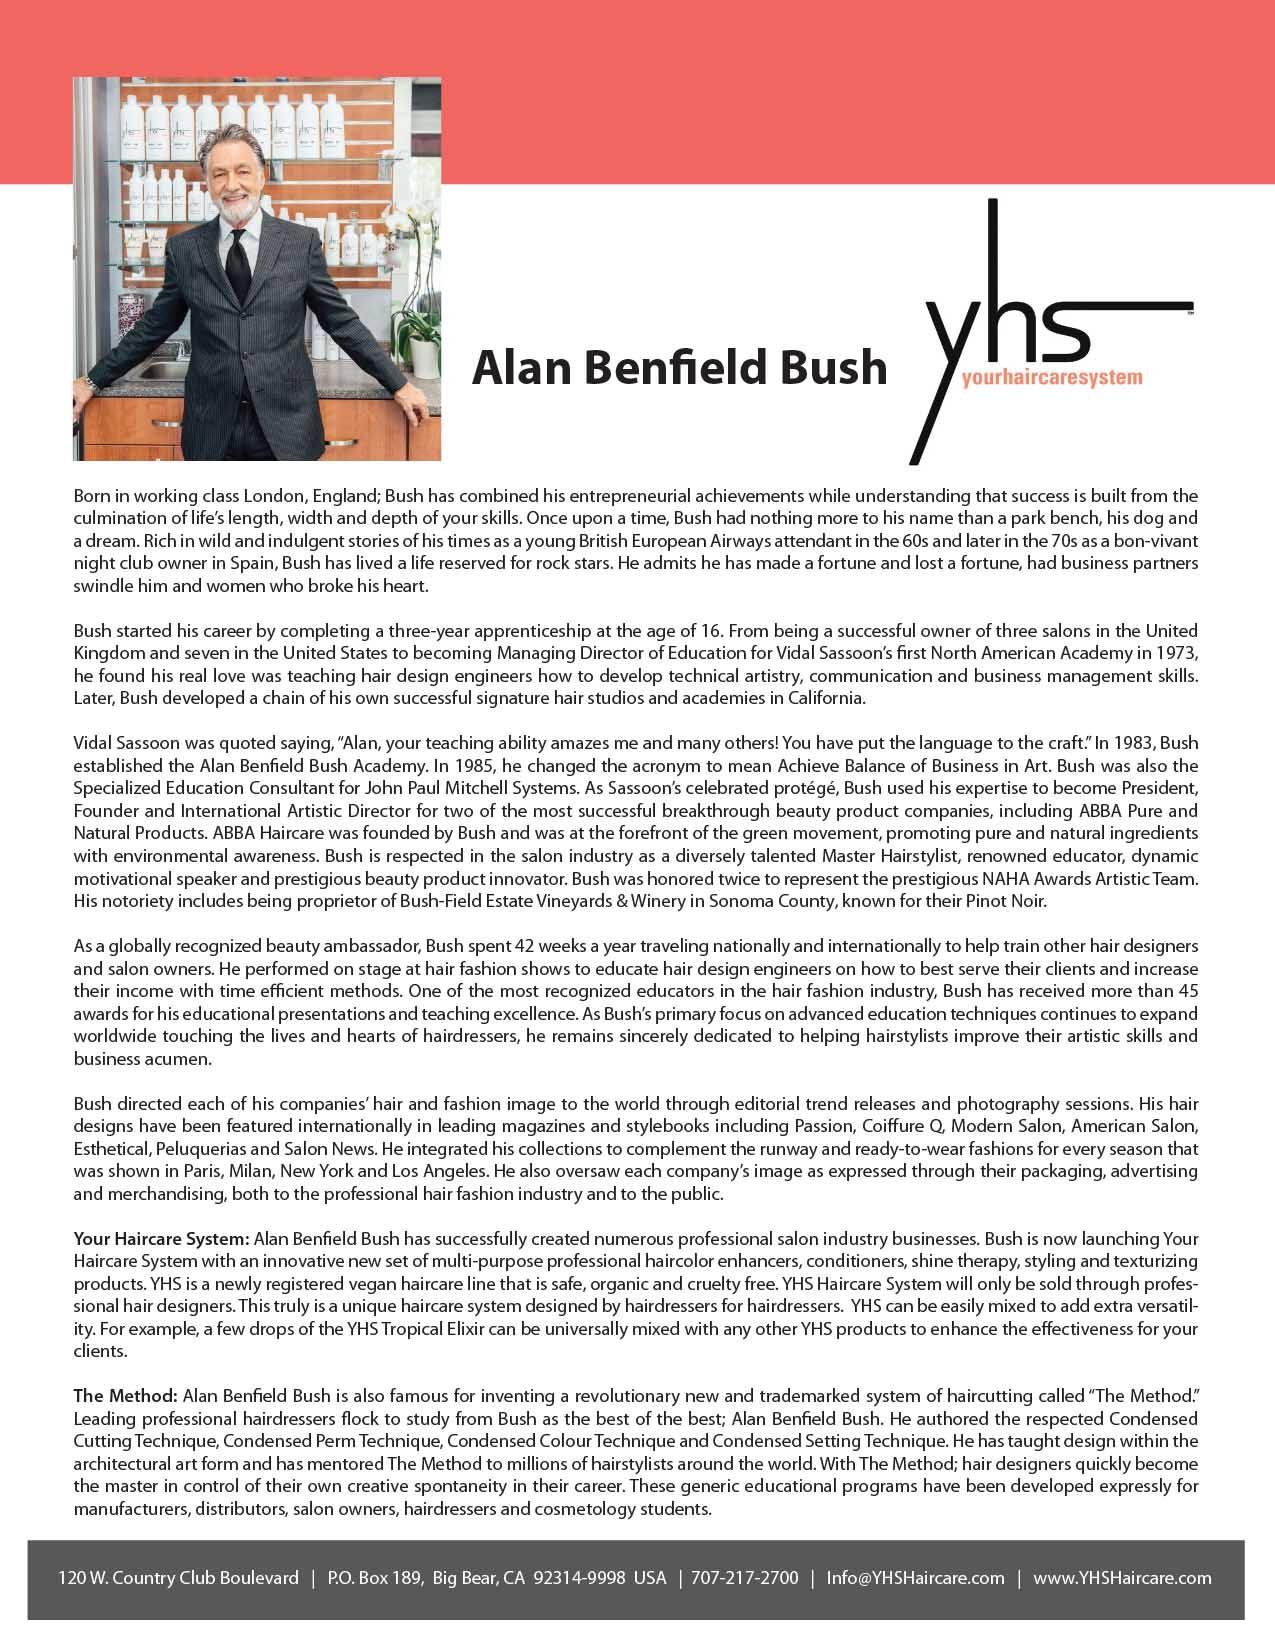 Alan Benfield Bush – YHS Bio